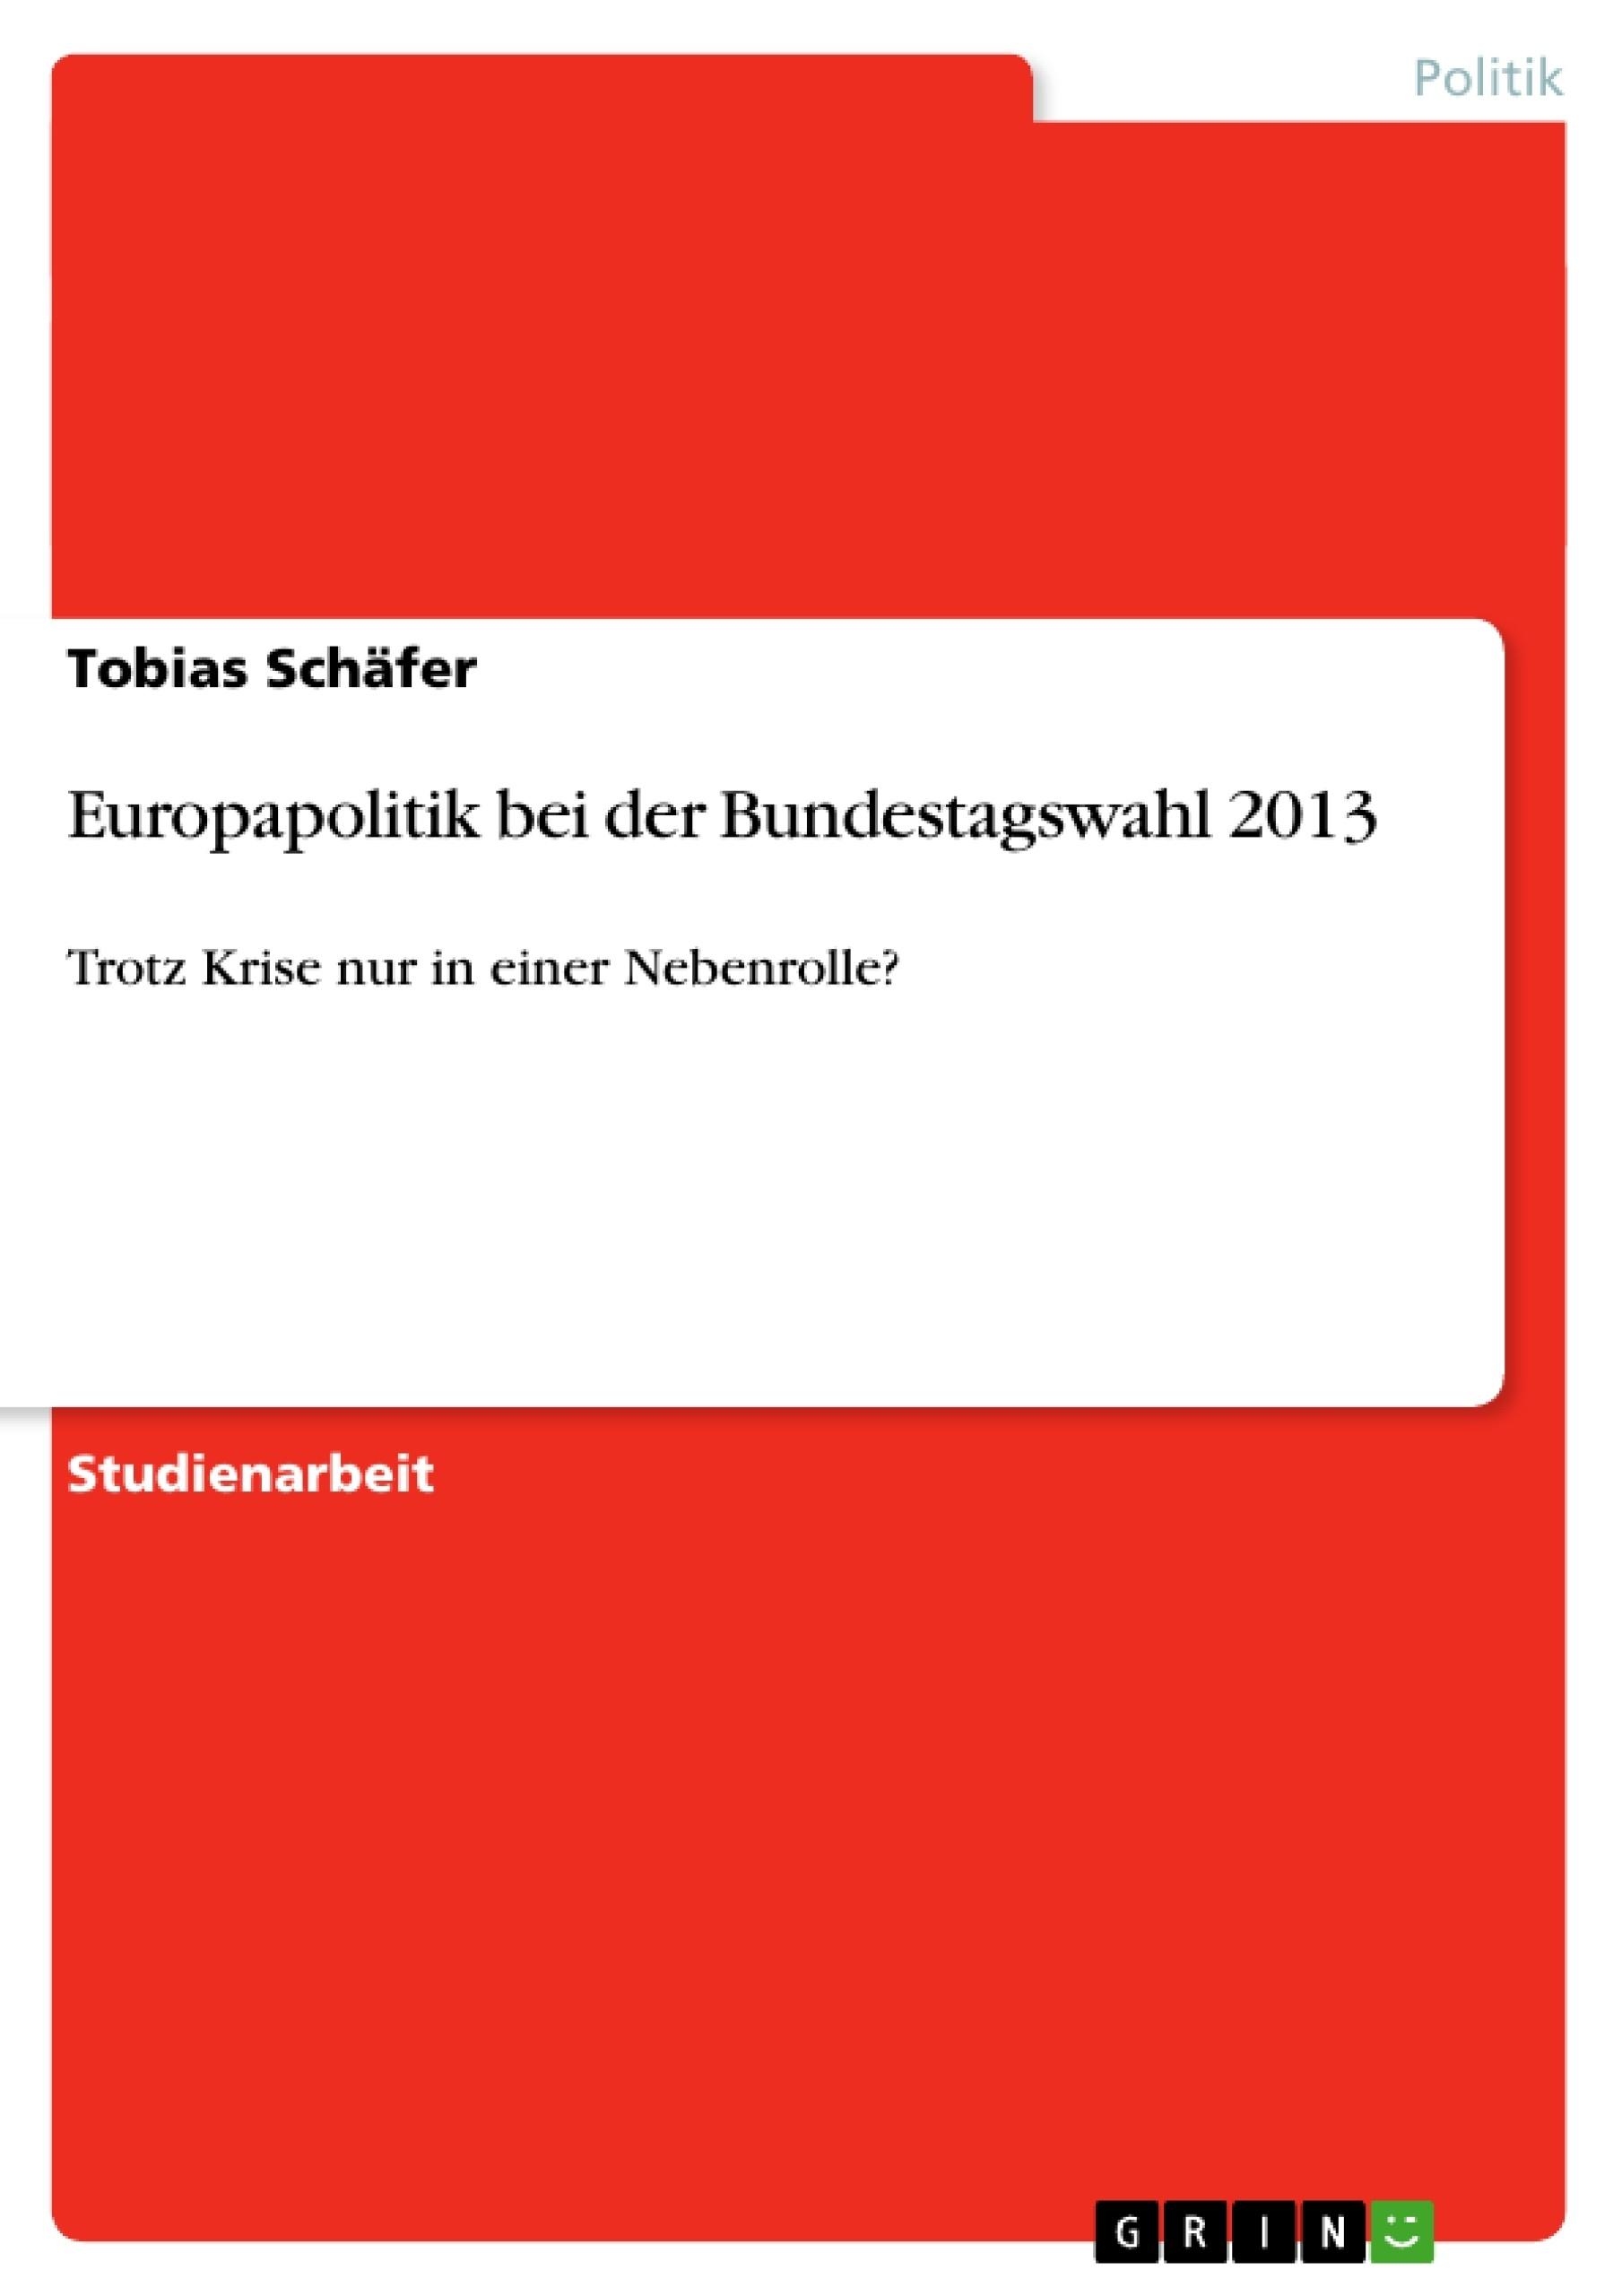 Titel: Europapolitik bei der Bundestagswahl 2013